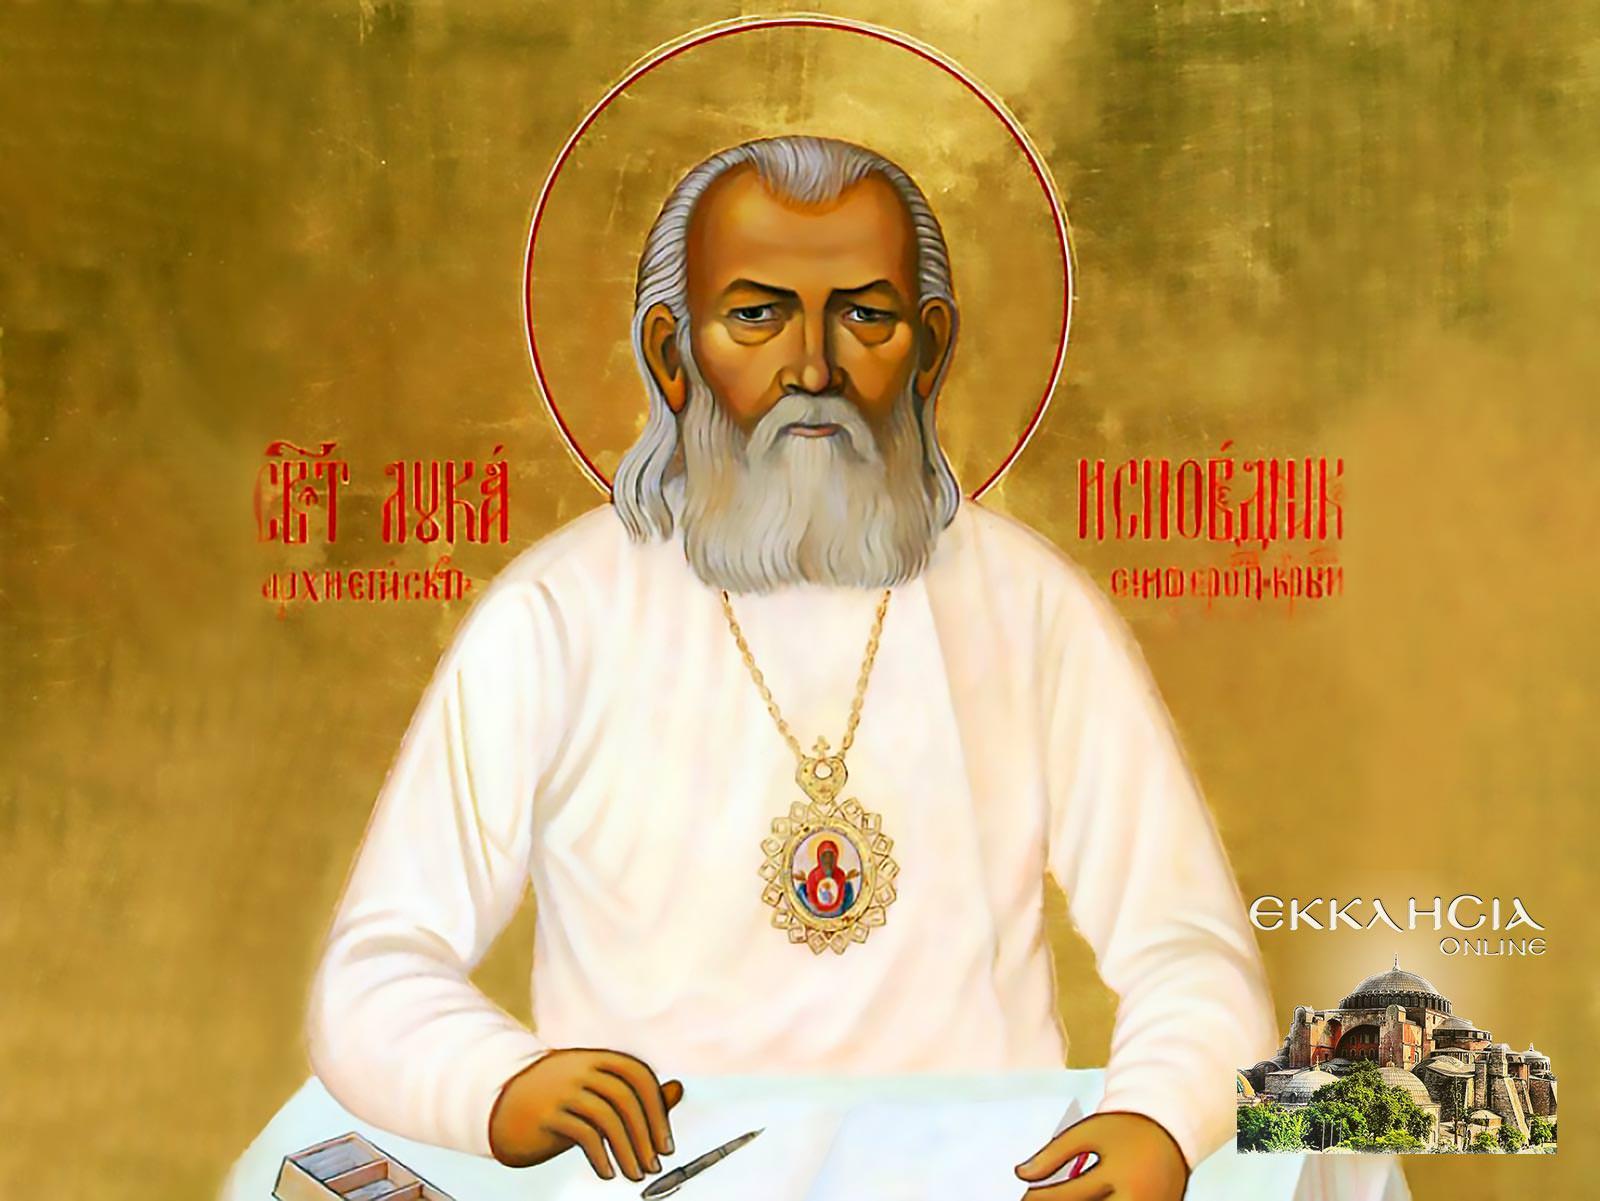 Άγιος Λουκάς ο Ιατρός Αρχιεπίσκοπος Κριμαίας